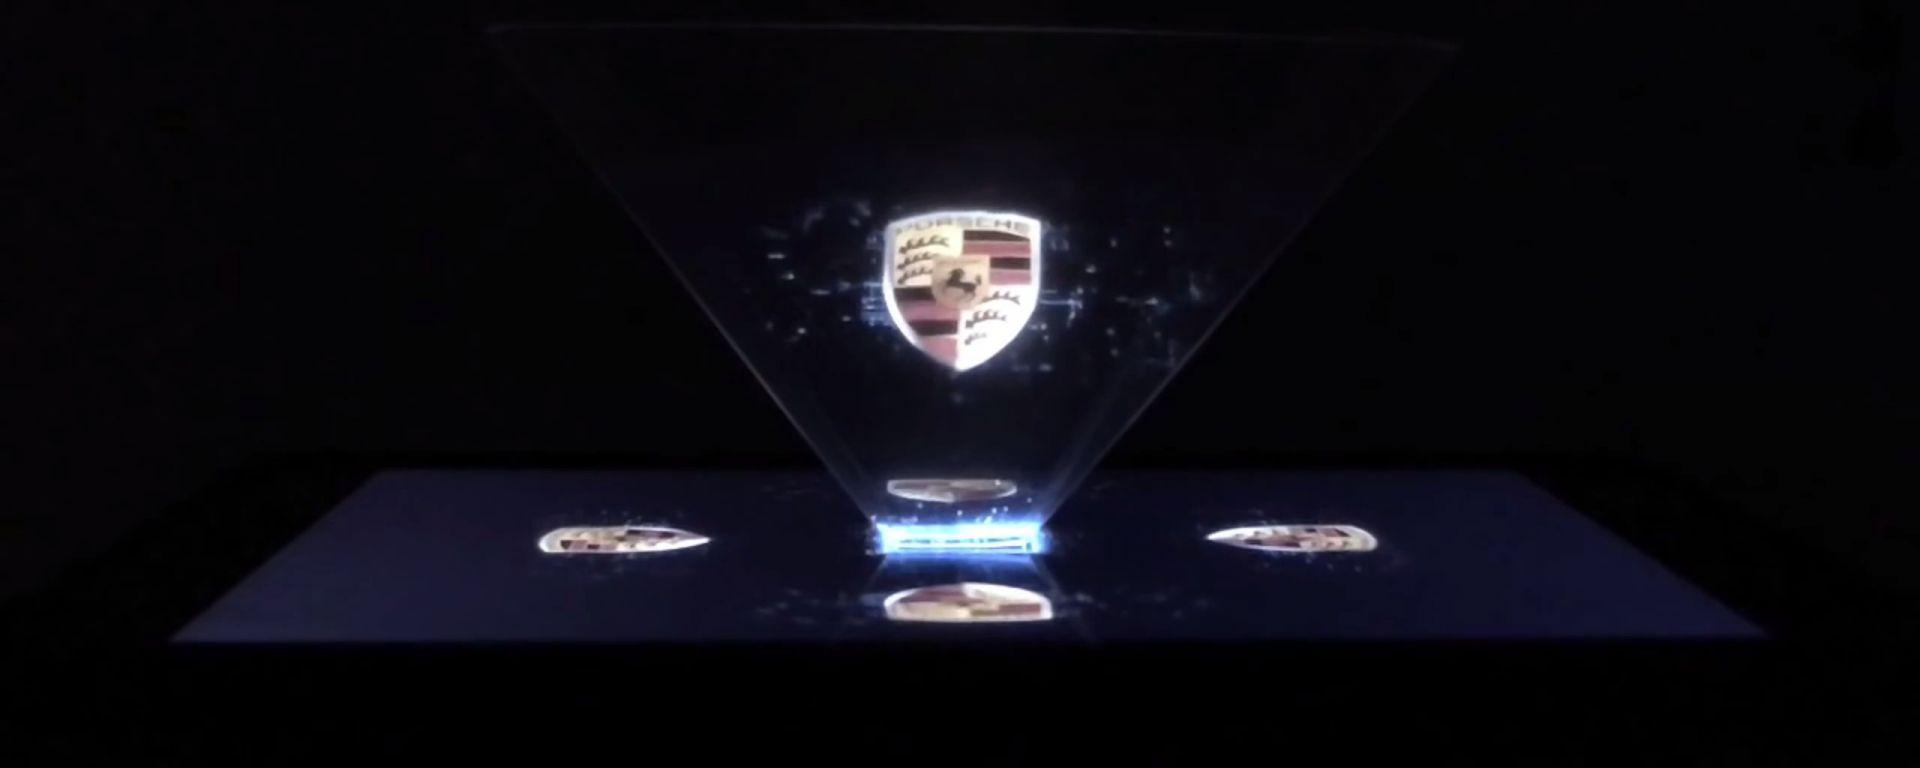 Porsche: la pubblicità in un ologramma